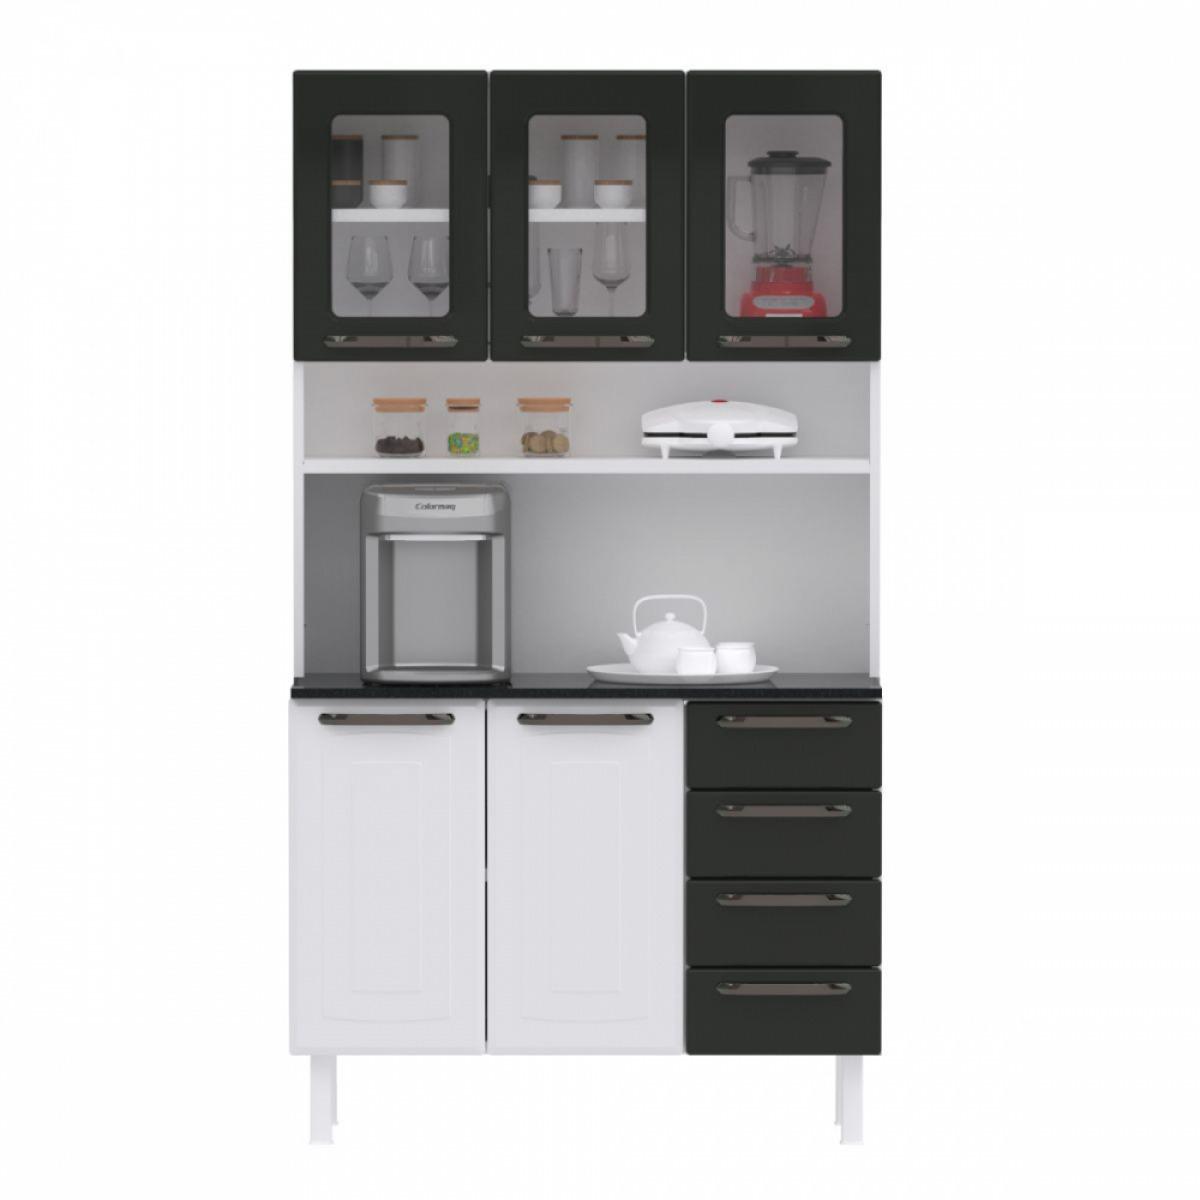 Kit de Cozinha Colormaq Titanium 5 Portas, 4 Gavetas em Aço e Vidro {{add_nome}}